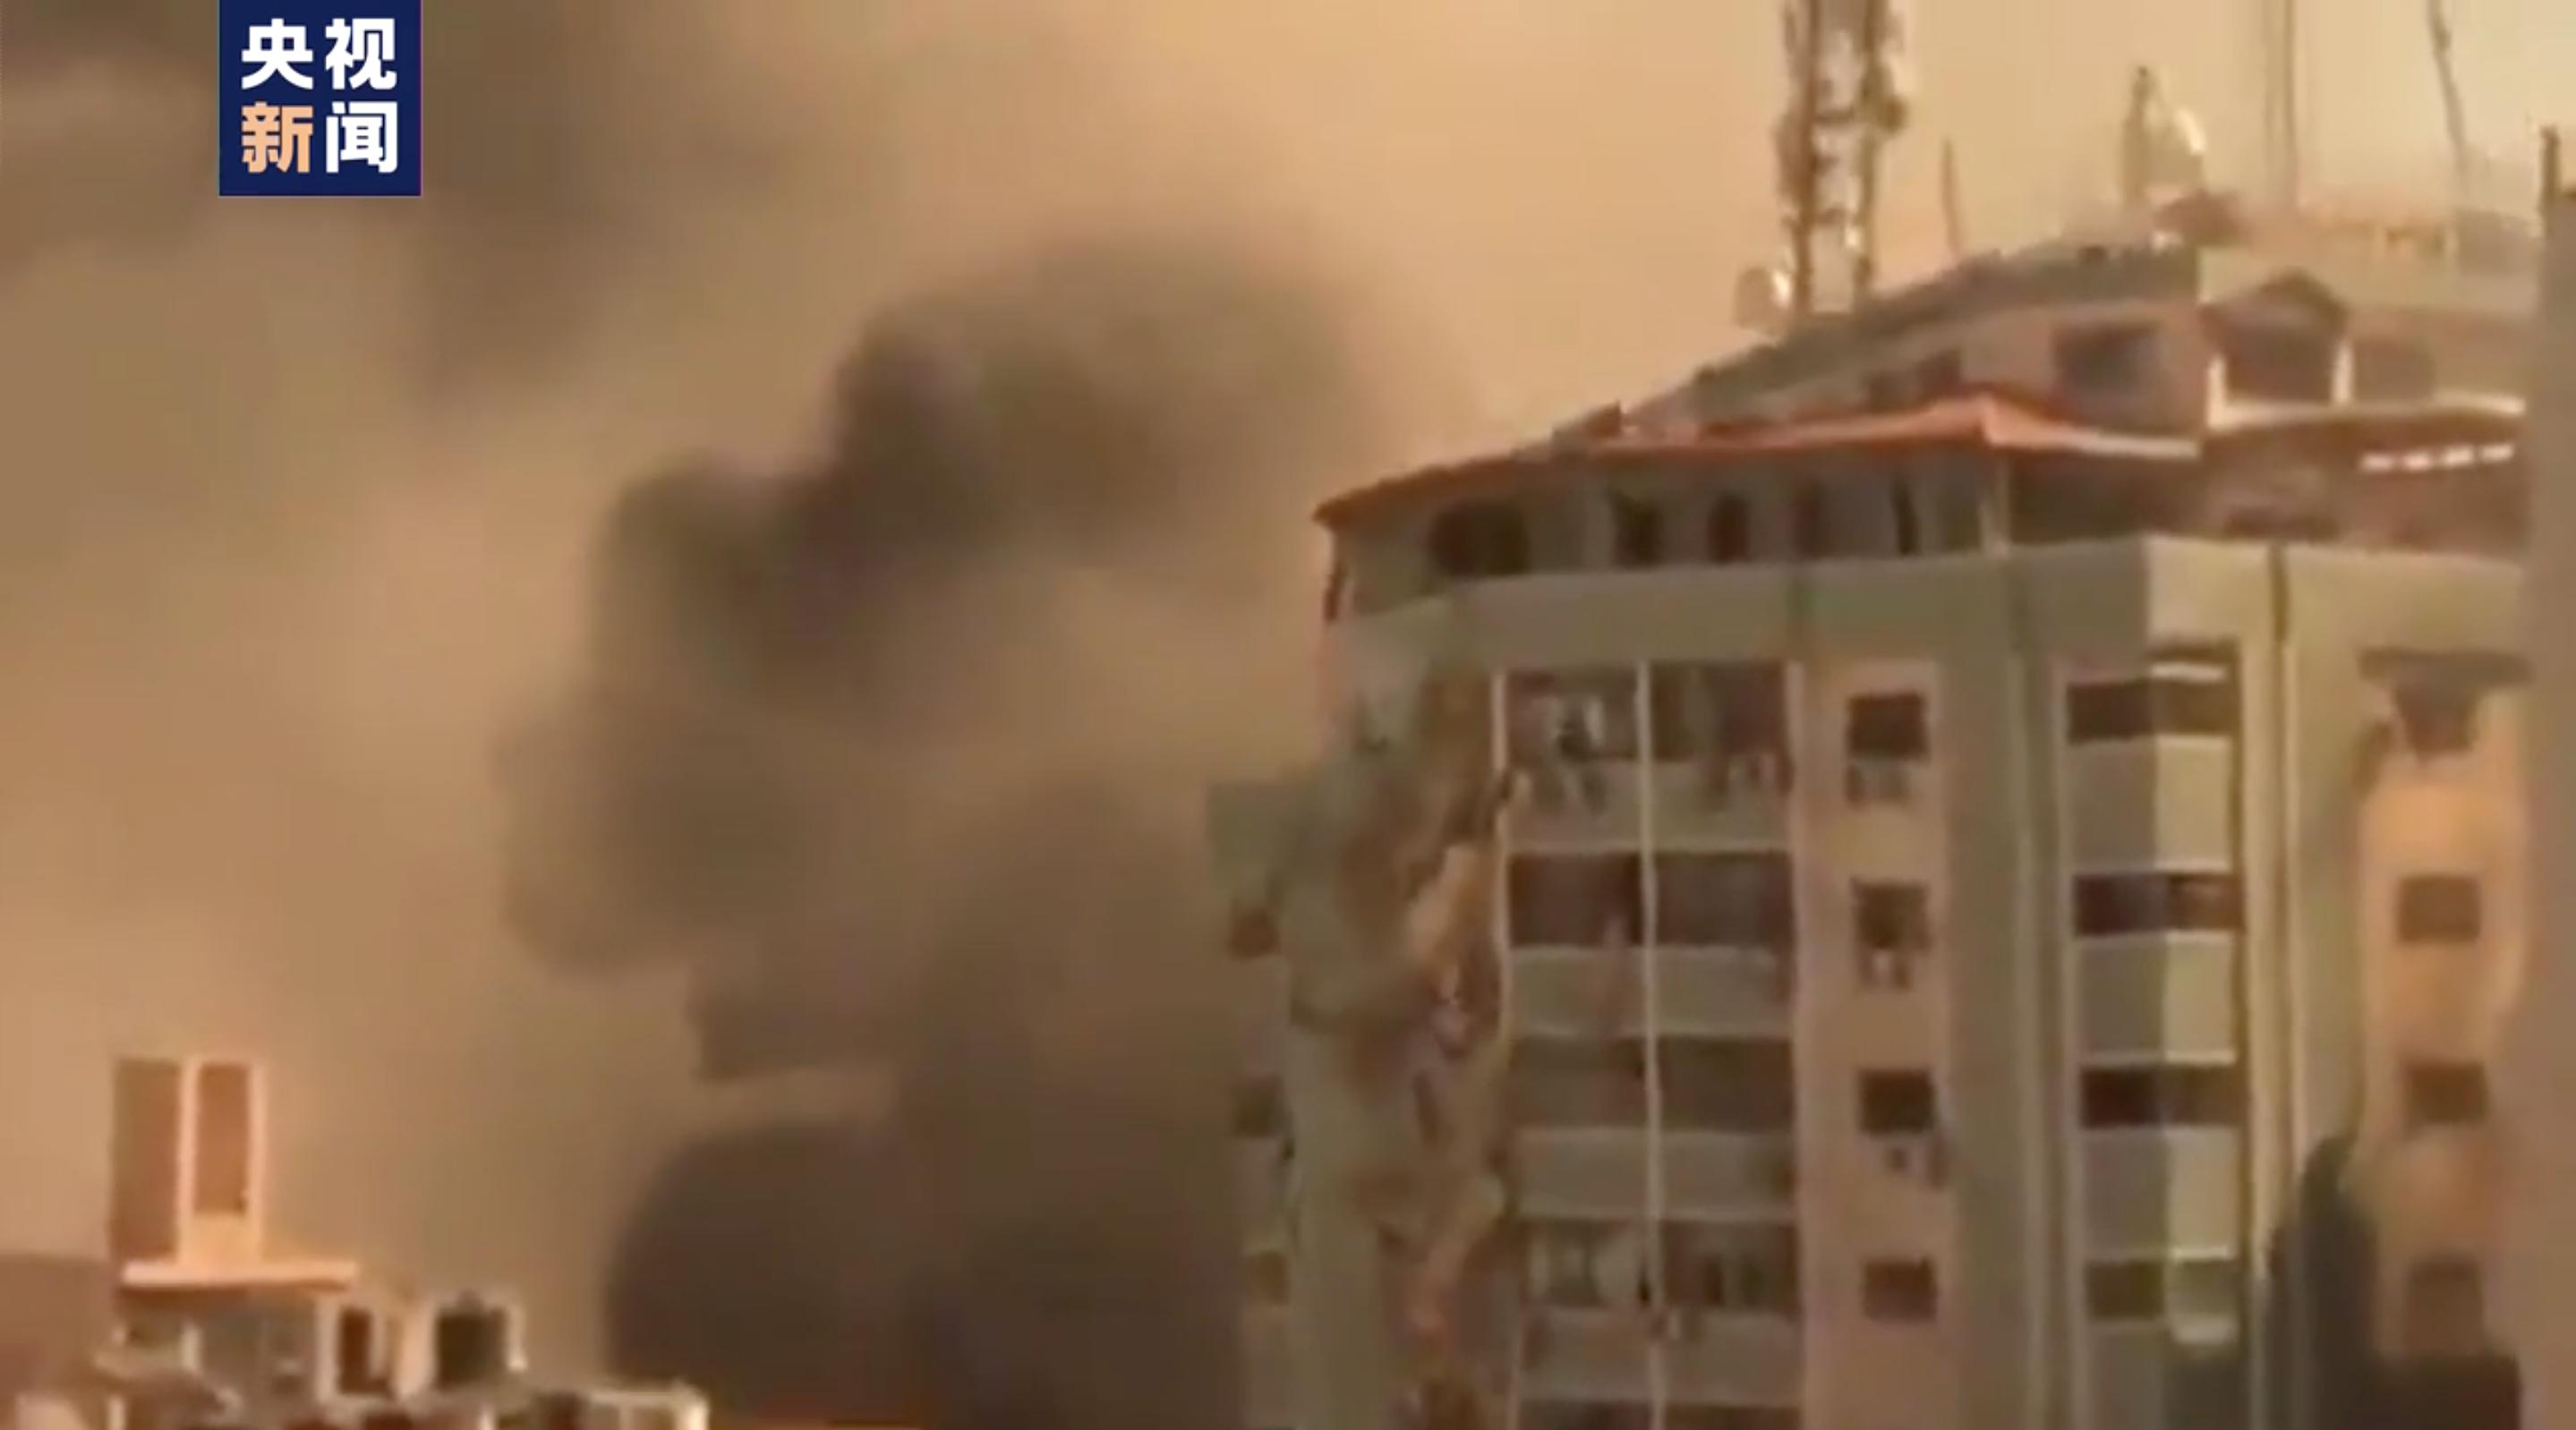 信无双2注册登录:     突发!以色列军队把美联社等媒体驻加沙办公大楼炸了!哈马斯强硬回应                           每日经济新闻                        2021年05月15日 22:38